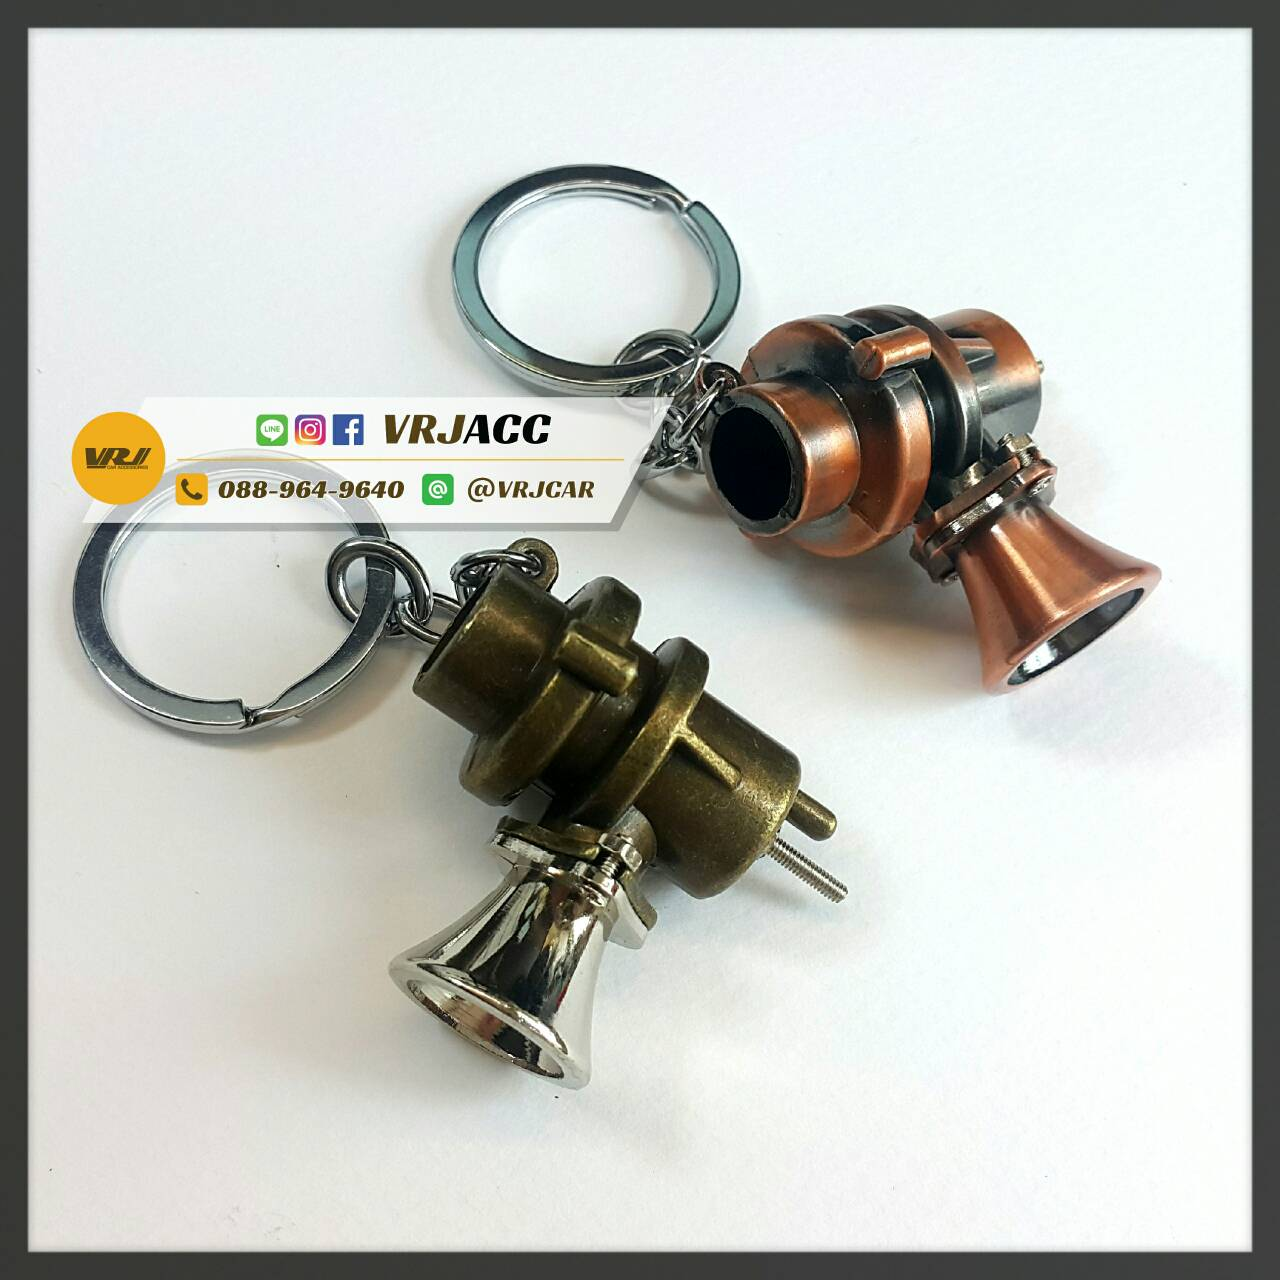 โบออฟ พวงกุญแจ พวงกุญแจซิ่ง งานโลหะ Blow Off Valve Keychain